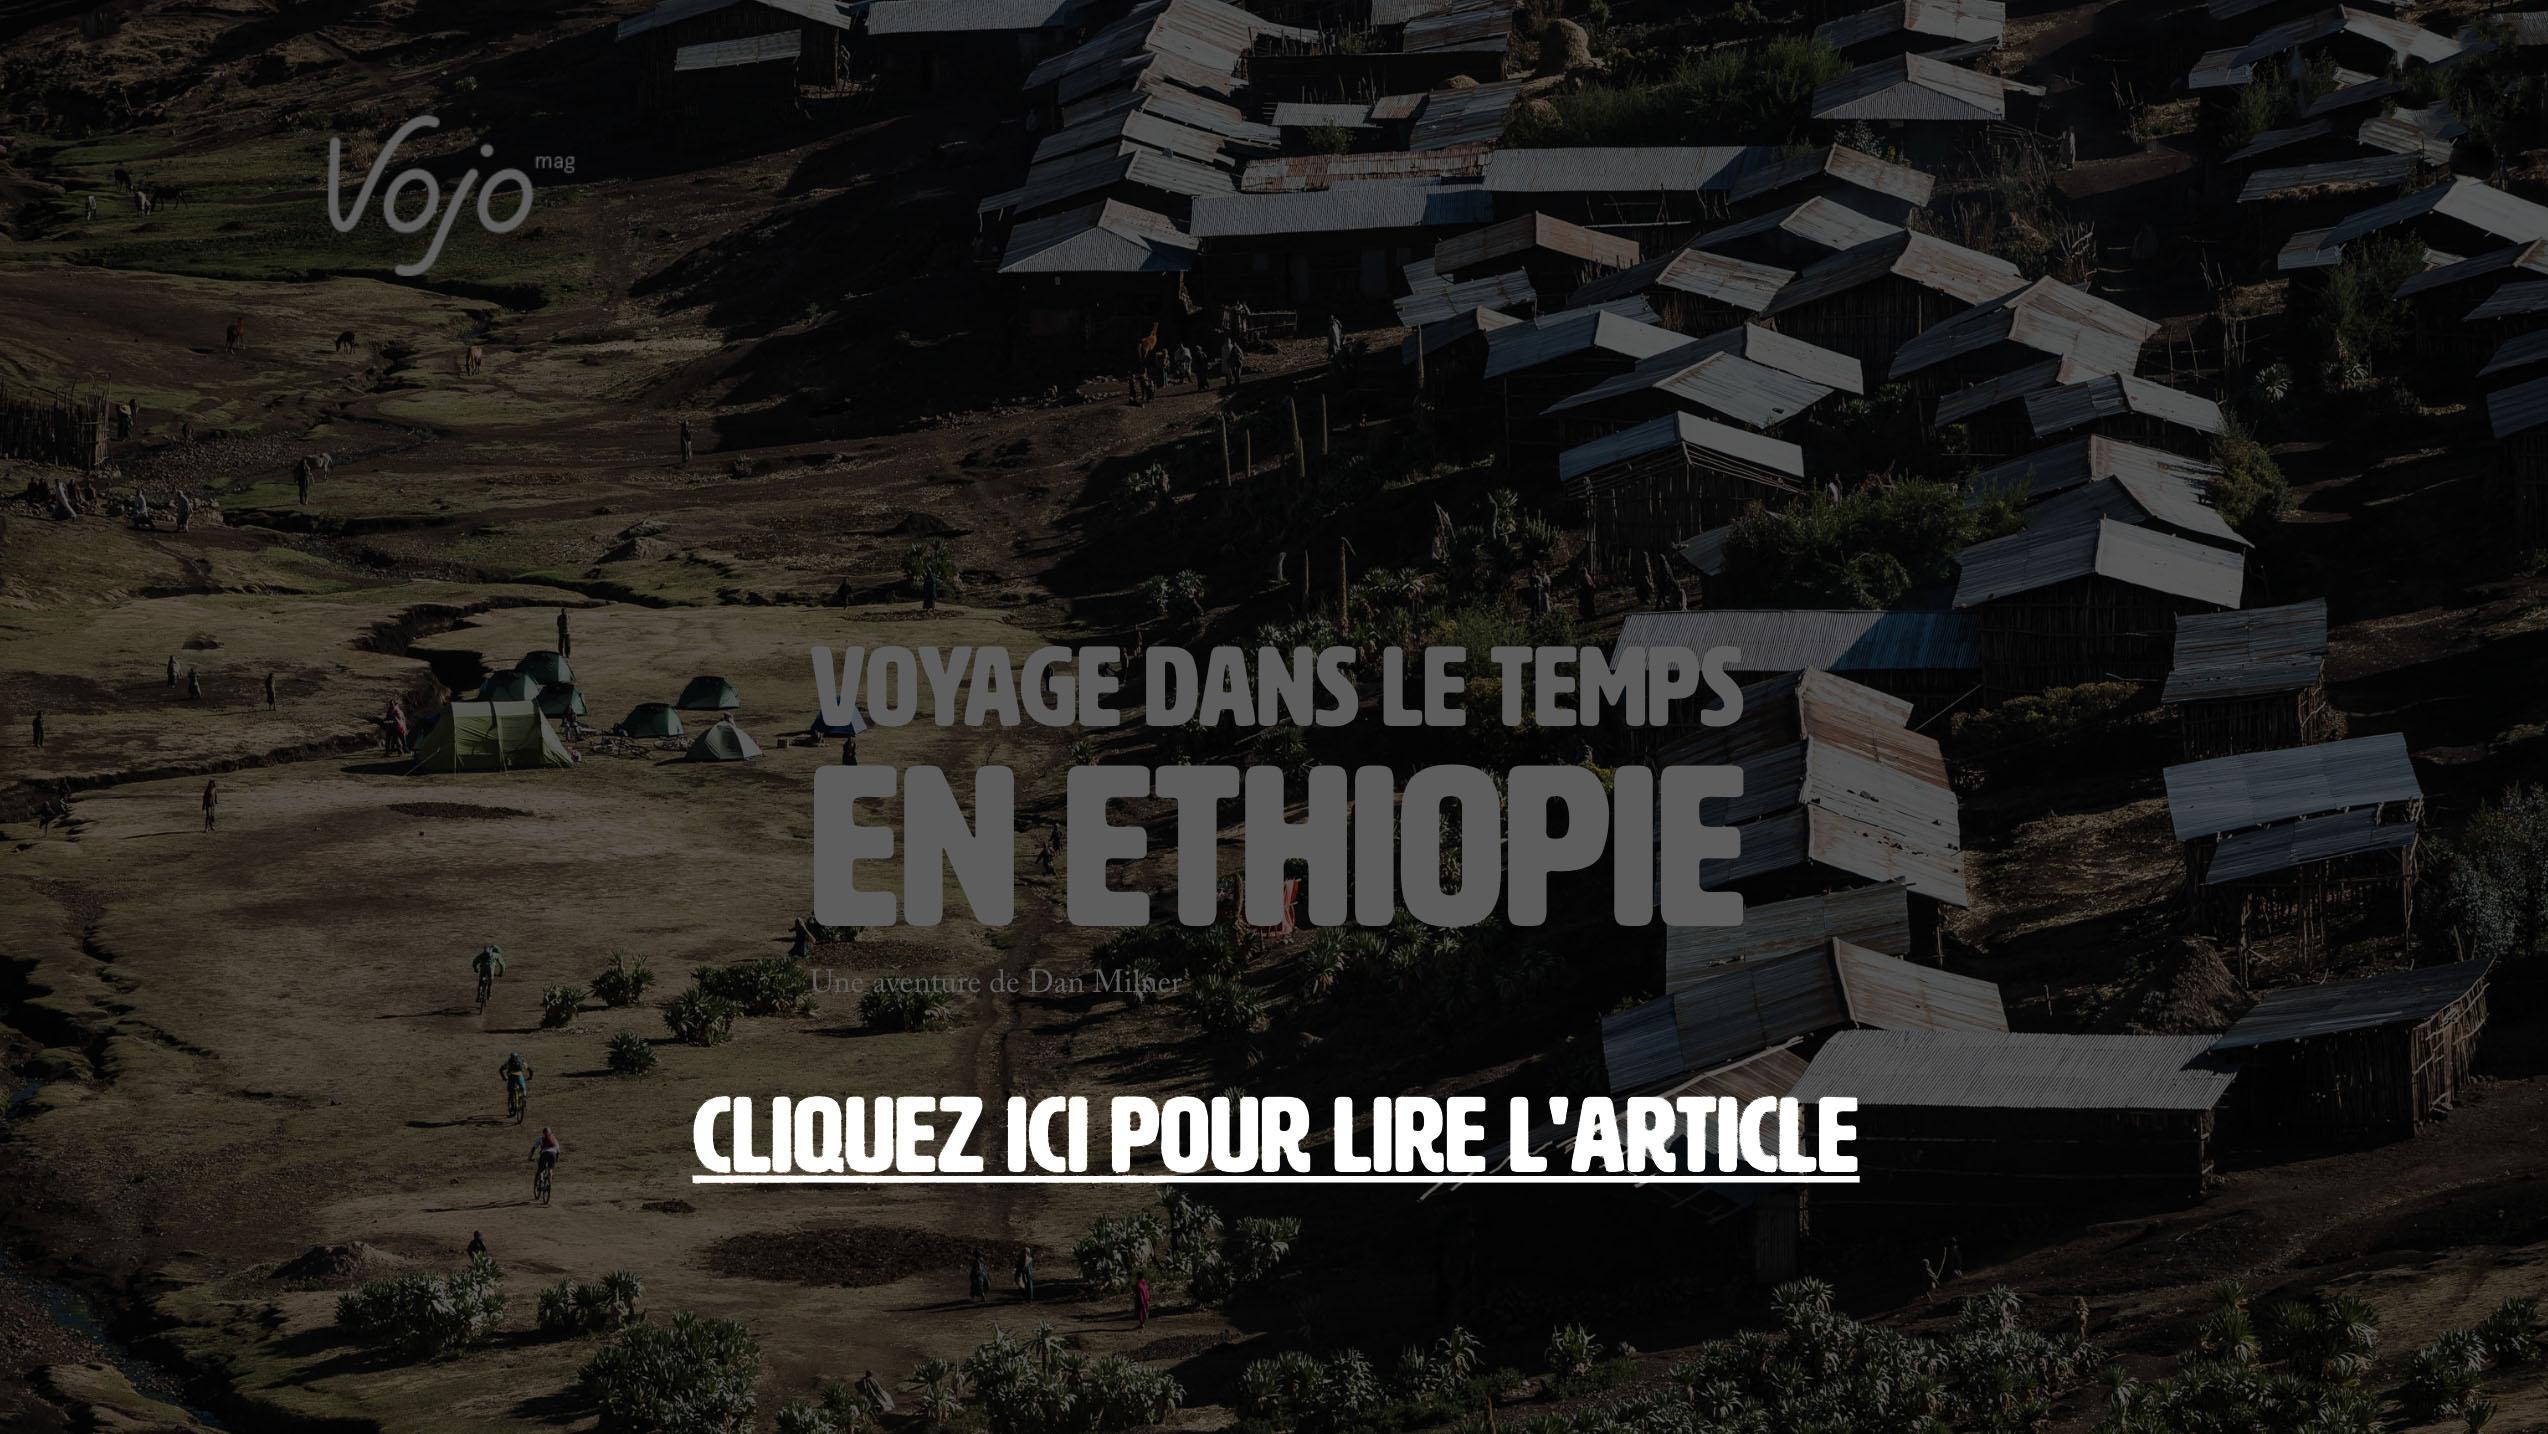 2-Voyage_A_Travers_Le_Temps_Ethiopie_VTT_Dan_Milner_VojoMag copie